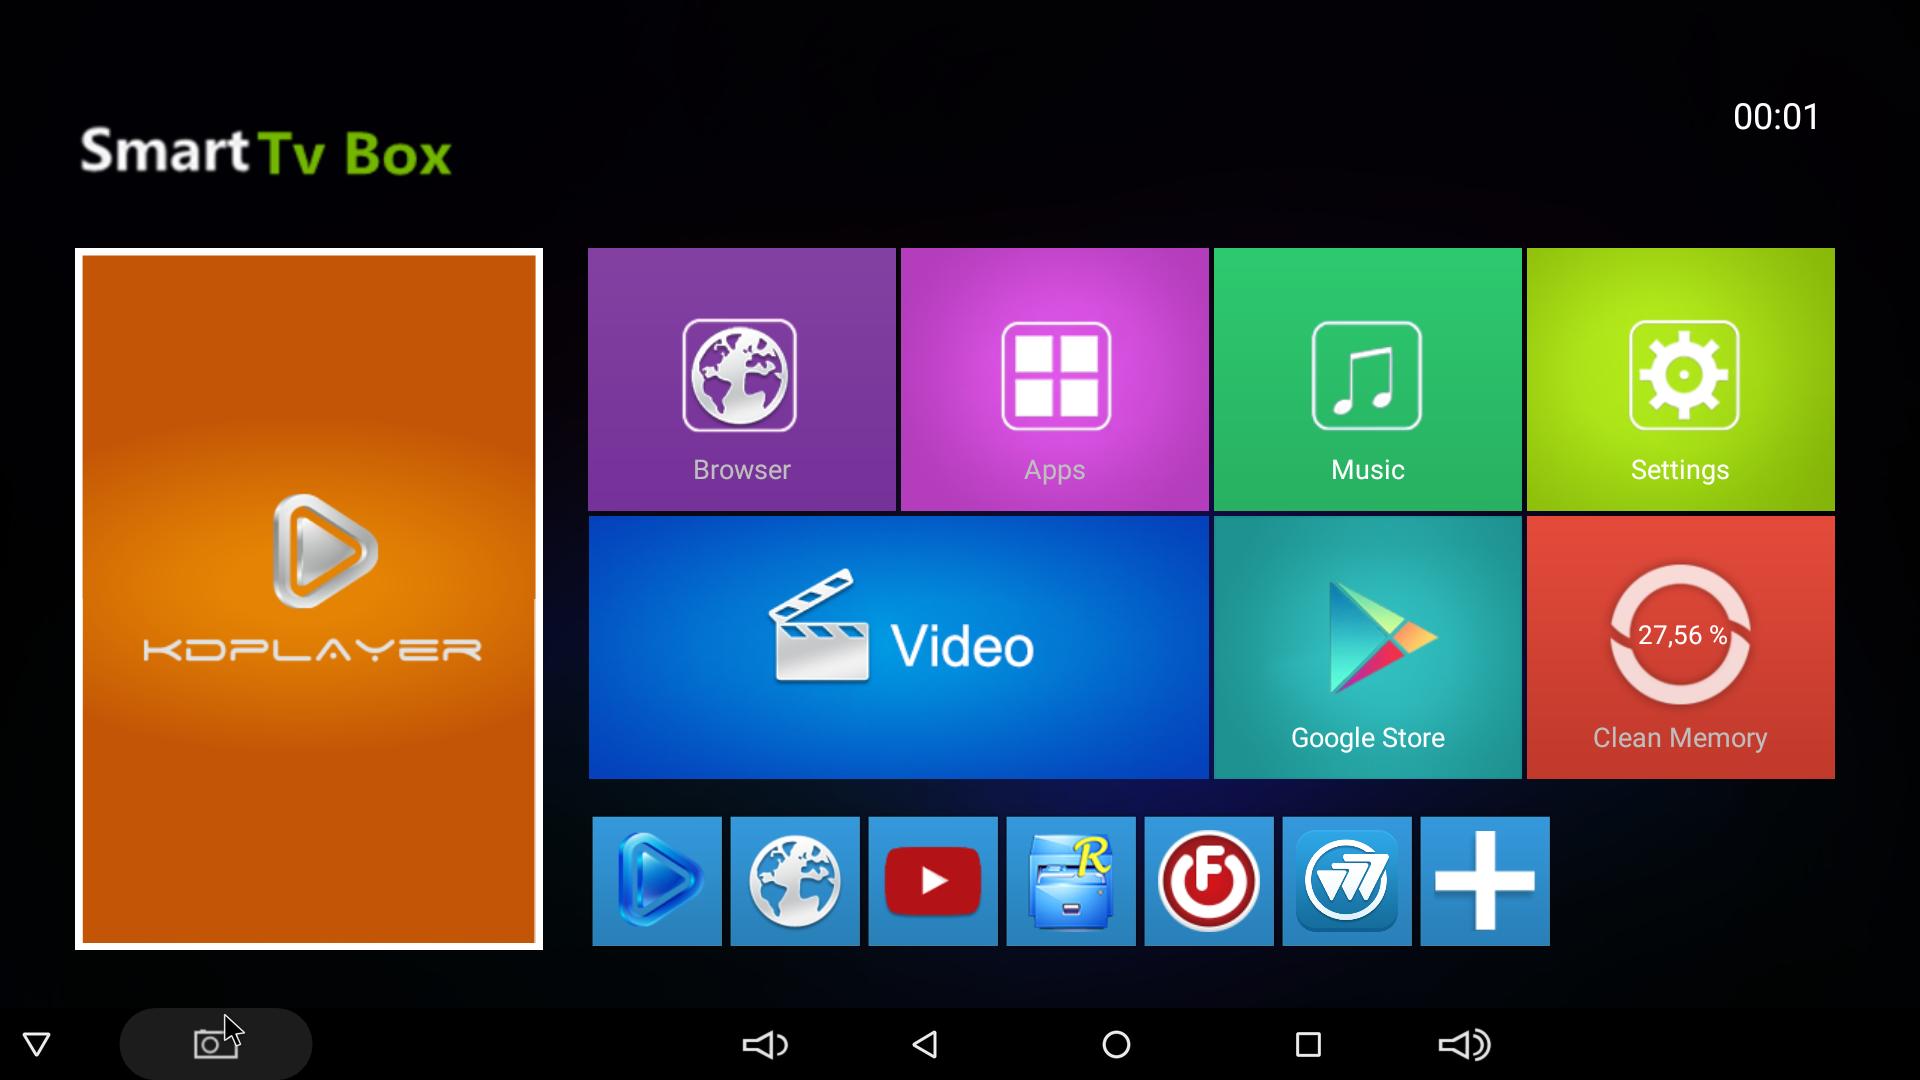 Скриншот_экрана_приставки_Alfacore_на_андроид_6.0.png